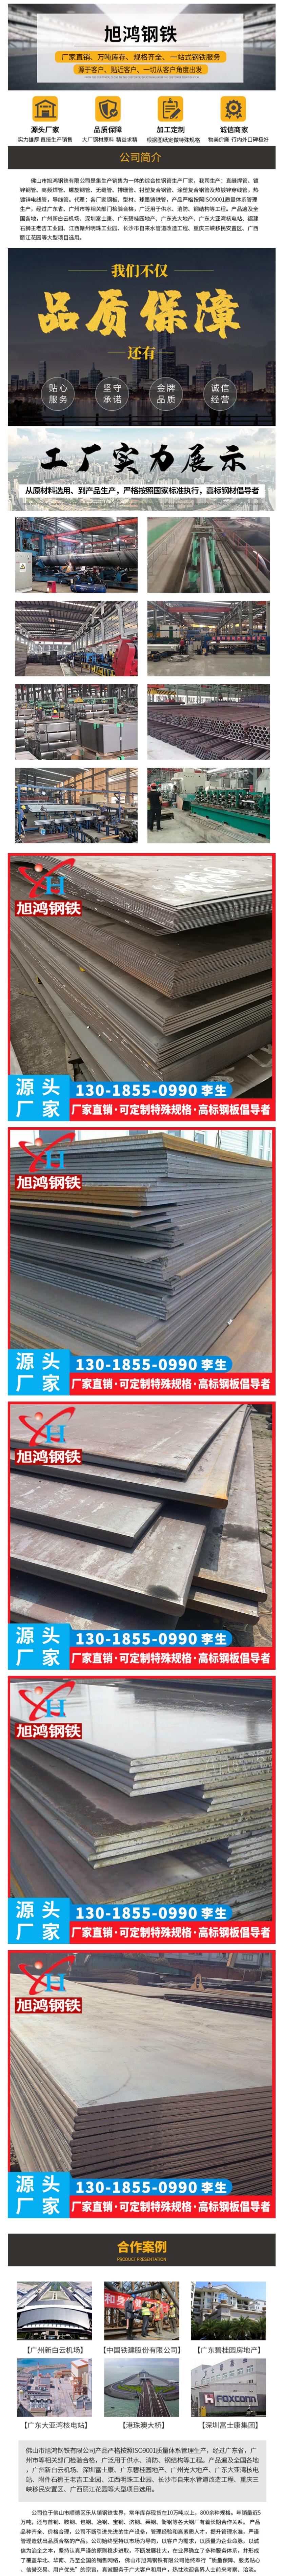 厂家热销 q235 热轧中厚板 生产加工耐候钢板 5mm厚钢板 切割零售-阿里巴巴.png